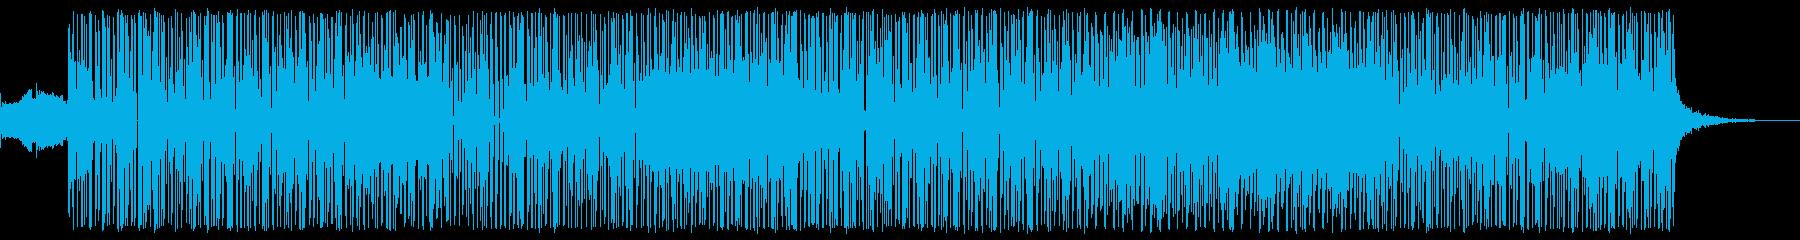 サンプリングされたボーカルを含むダ...の再生済みの波形